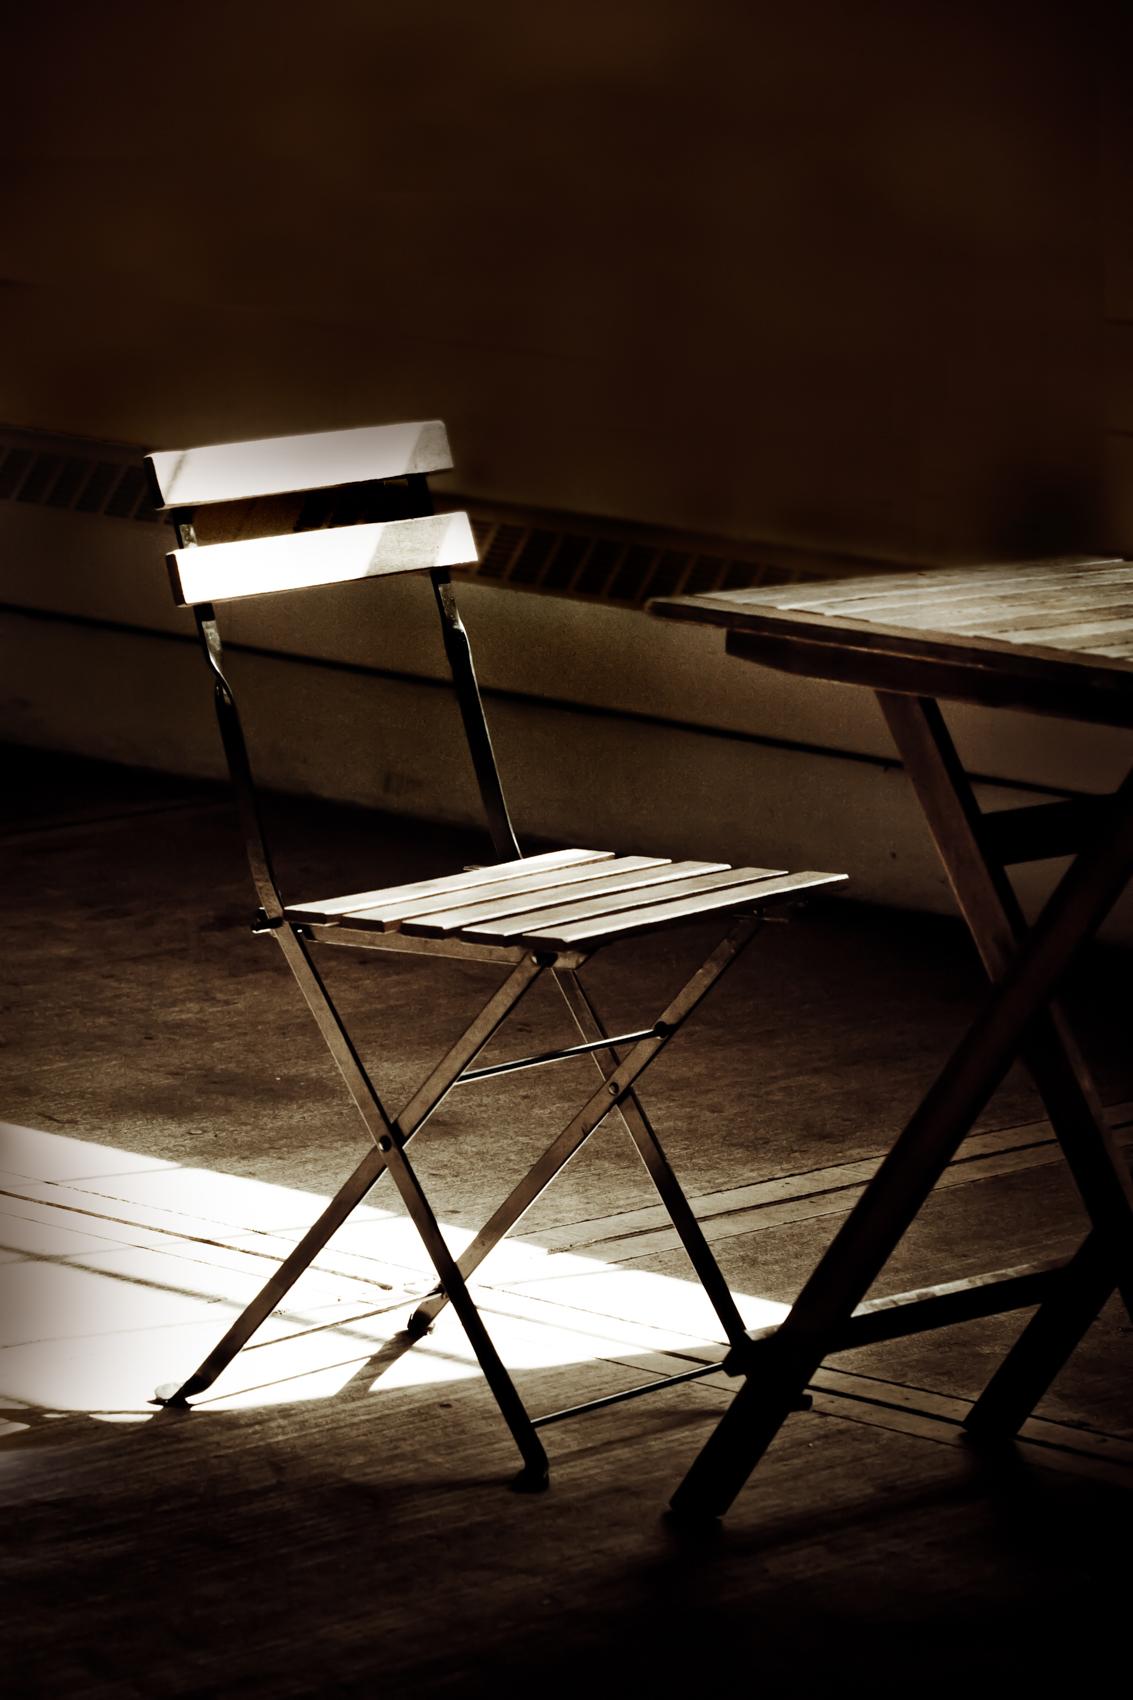 09-Chair